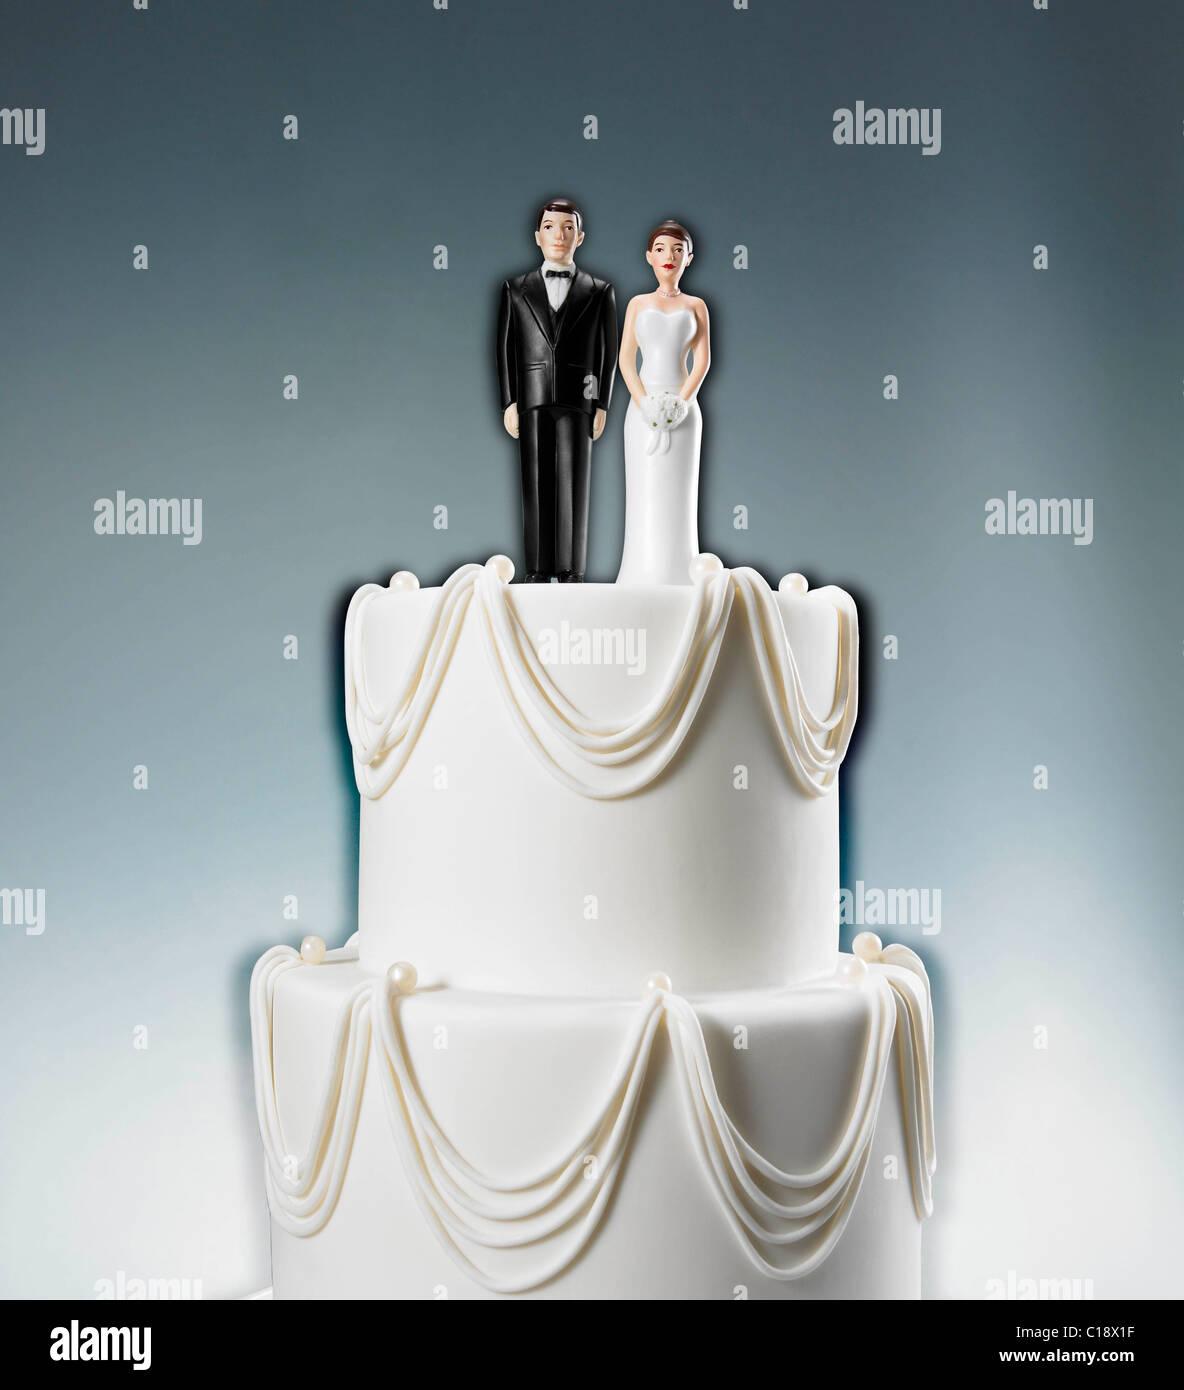 Saltar Caplan©2011 € 35 west 31 st. rm. 1001 New York, NY 10001 212.463.0541 pastel de boda con la novia y Imagen De Stock